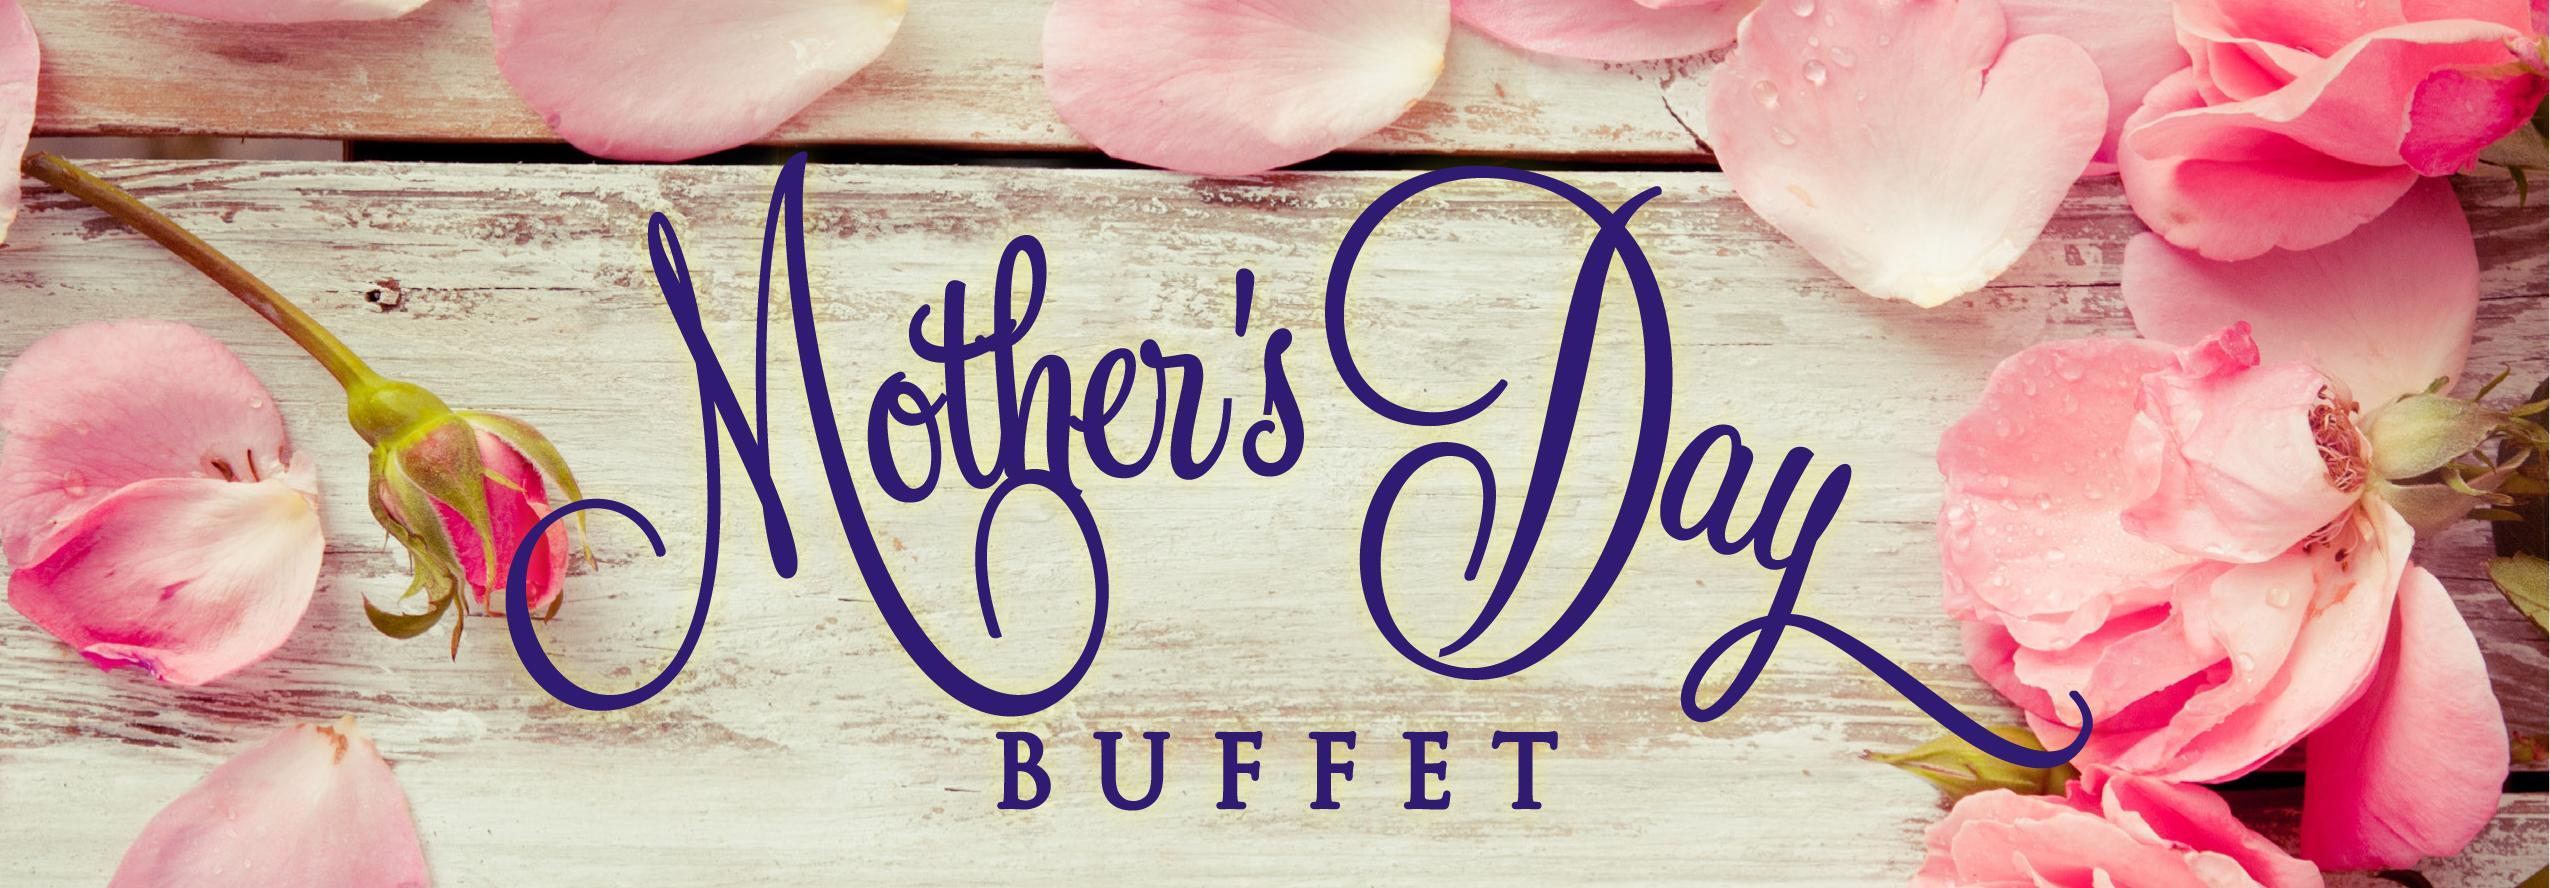 Vegetarian Mother's Day Buffet